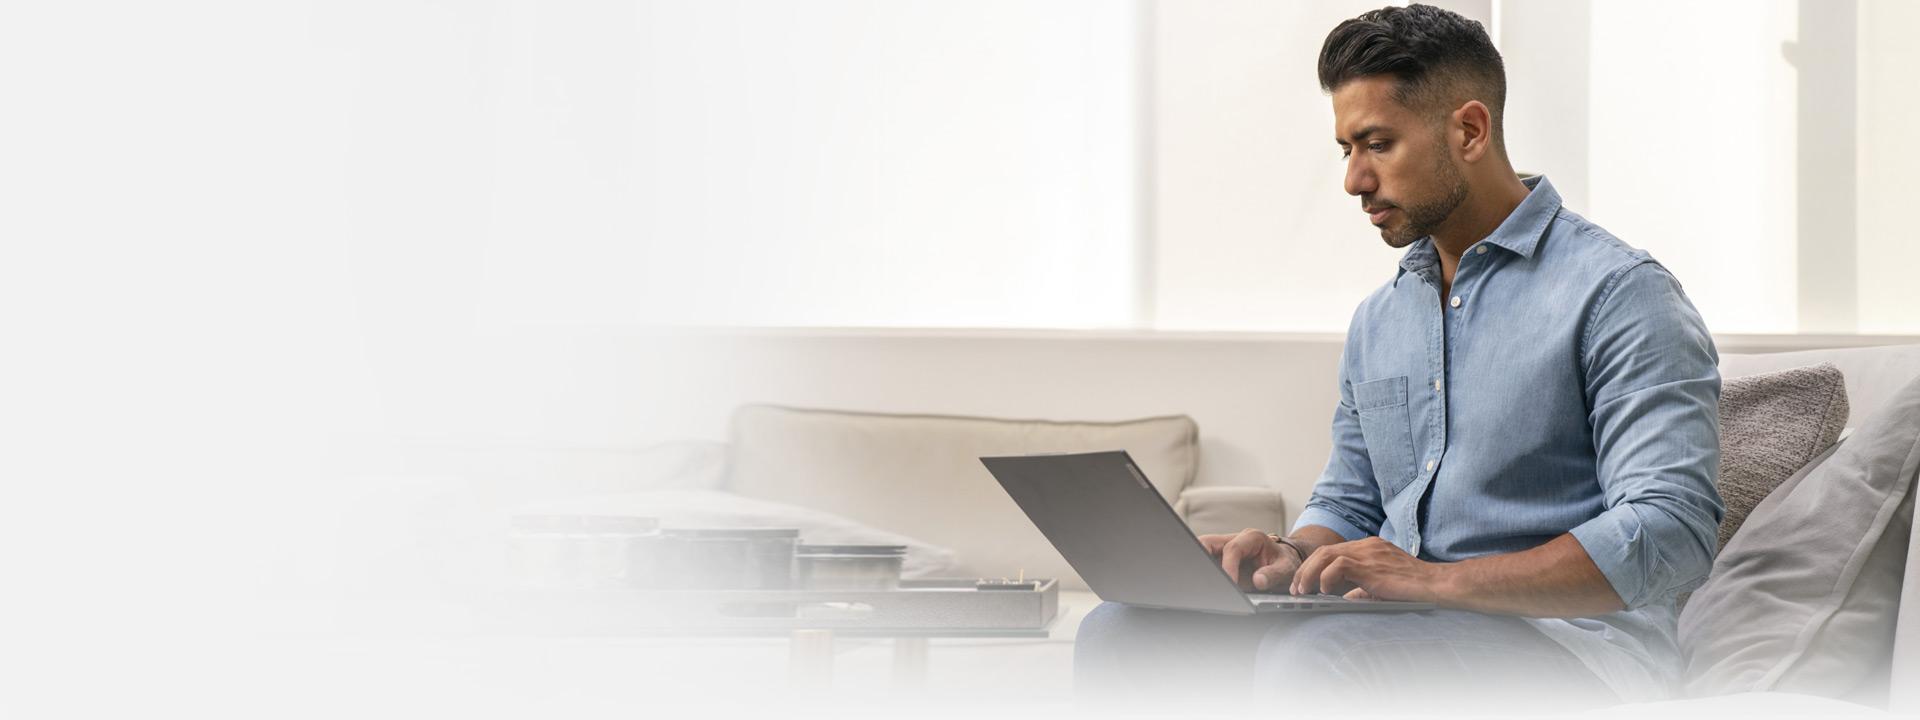 Adam kanepede otururken dizüstü bilgisayarını kullanıyor